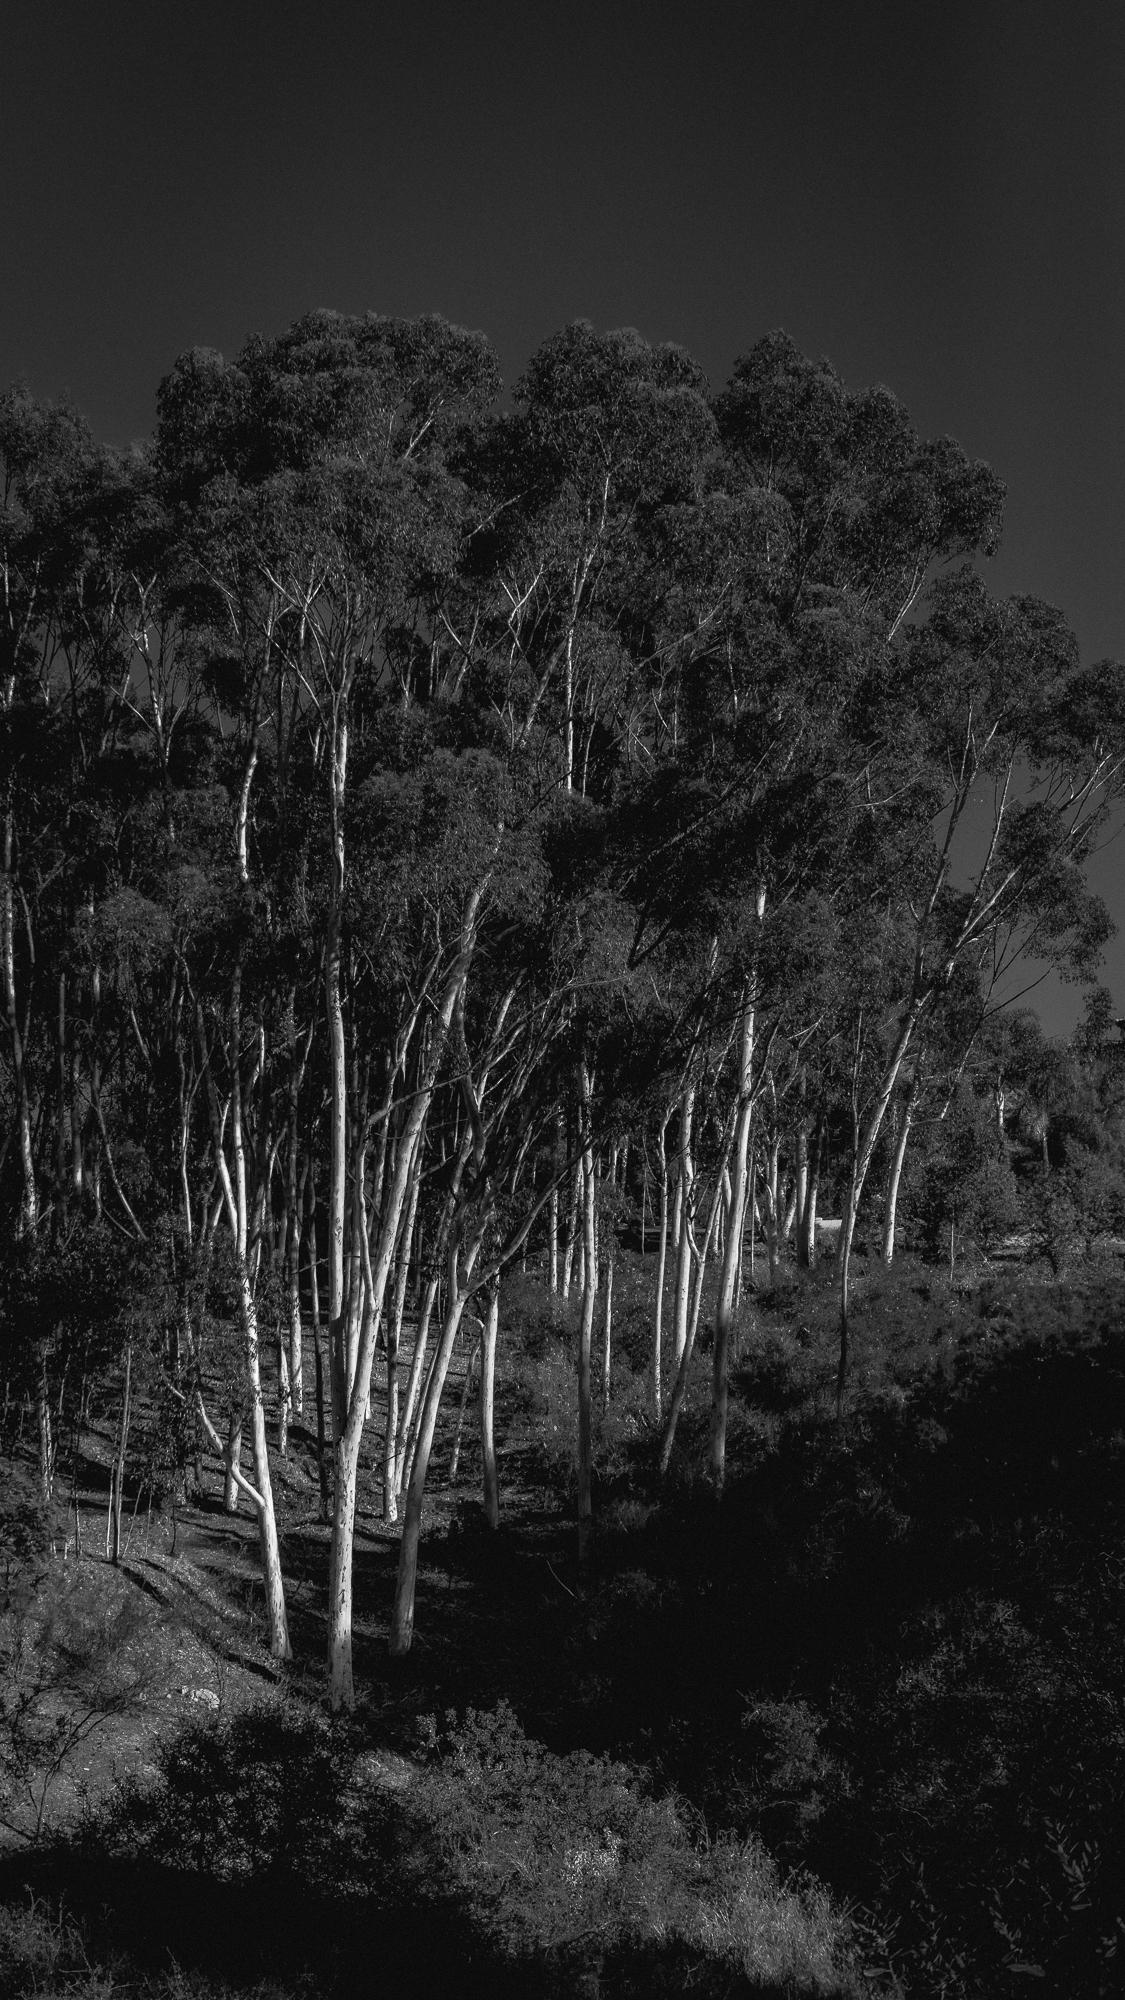 stand of eucalyptus trees, rancho santa fe, ca 1.31.18